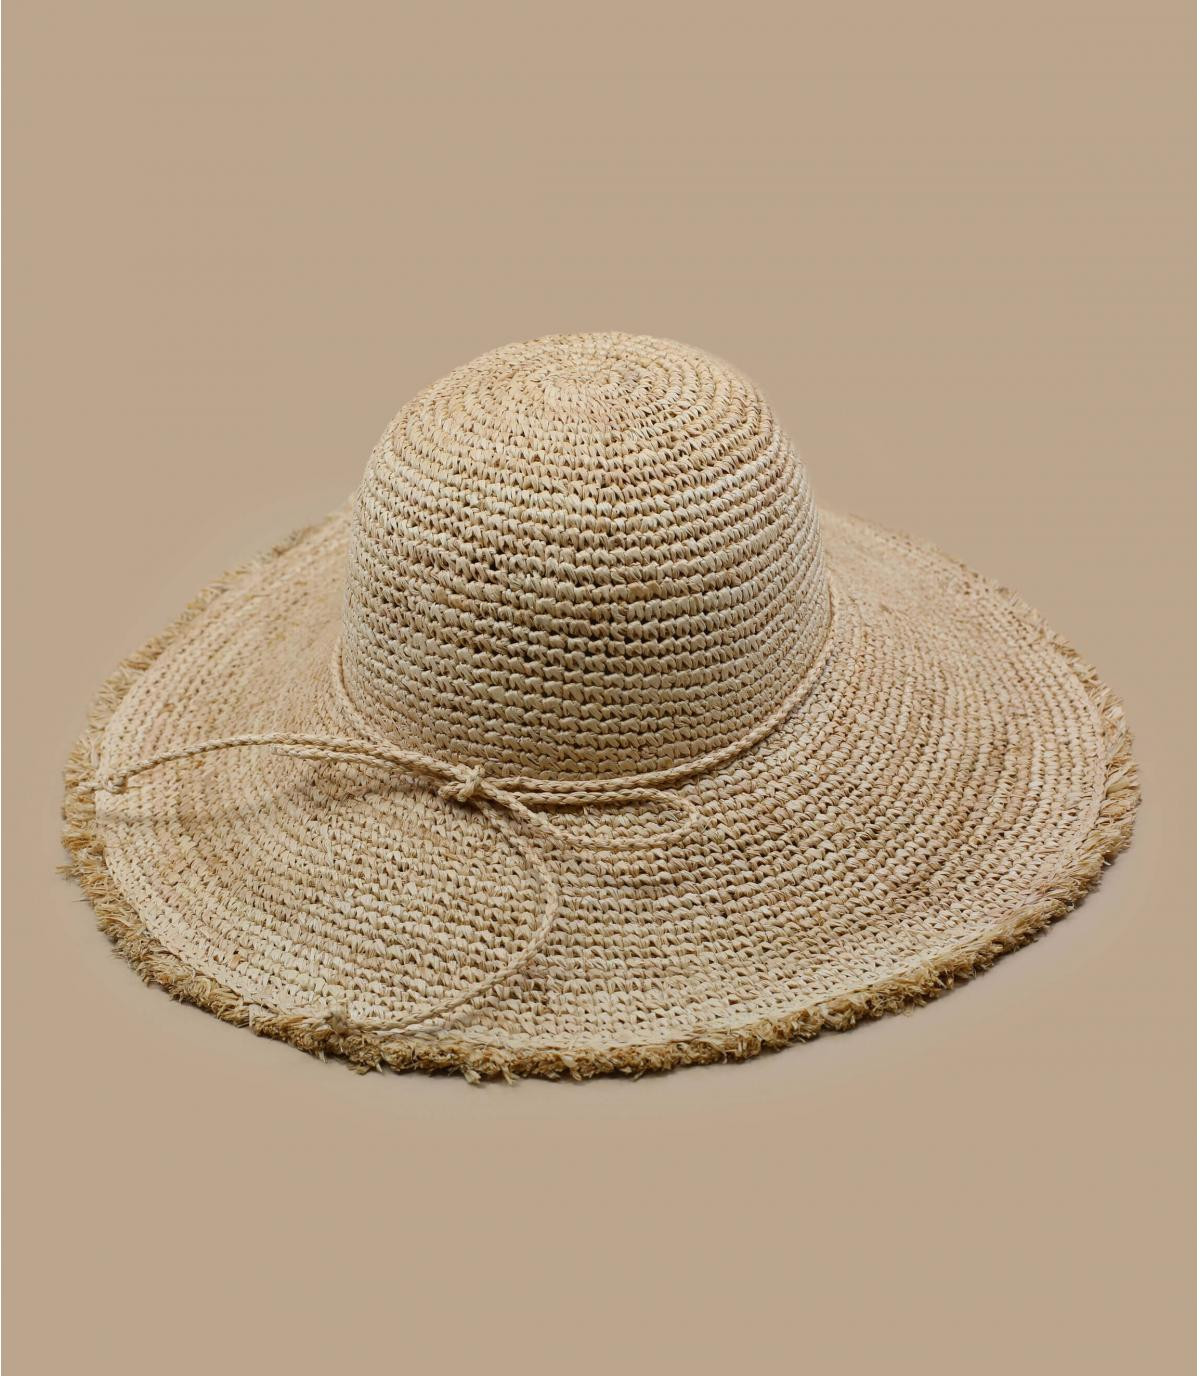 Foldable straw floppy hat